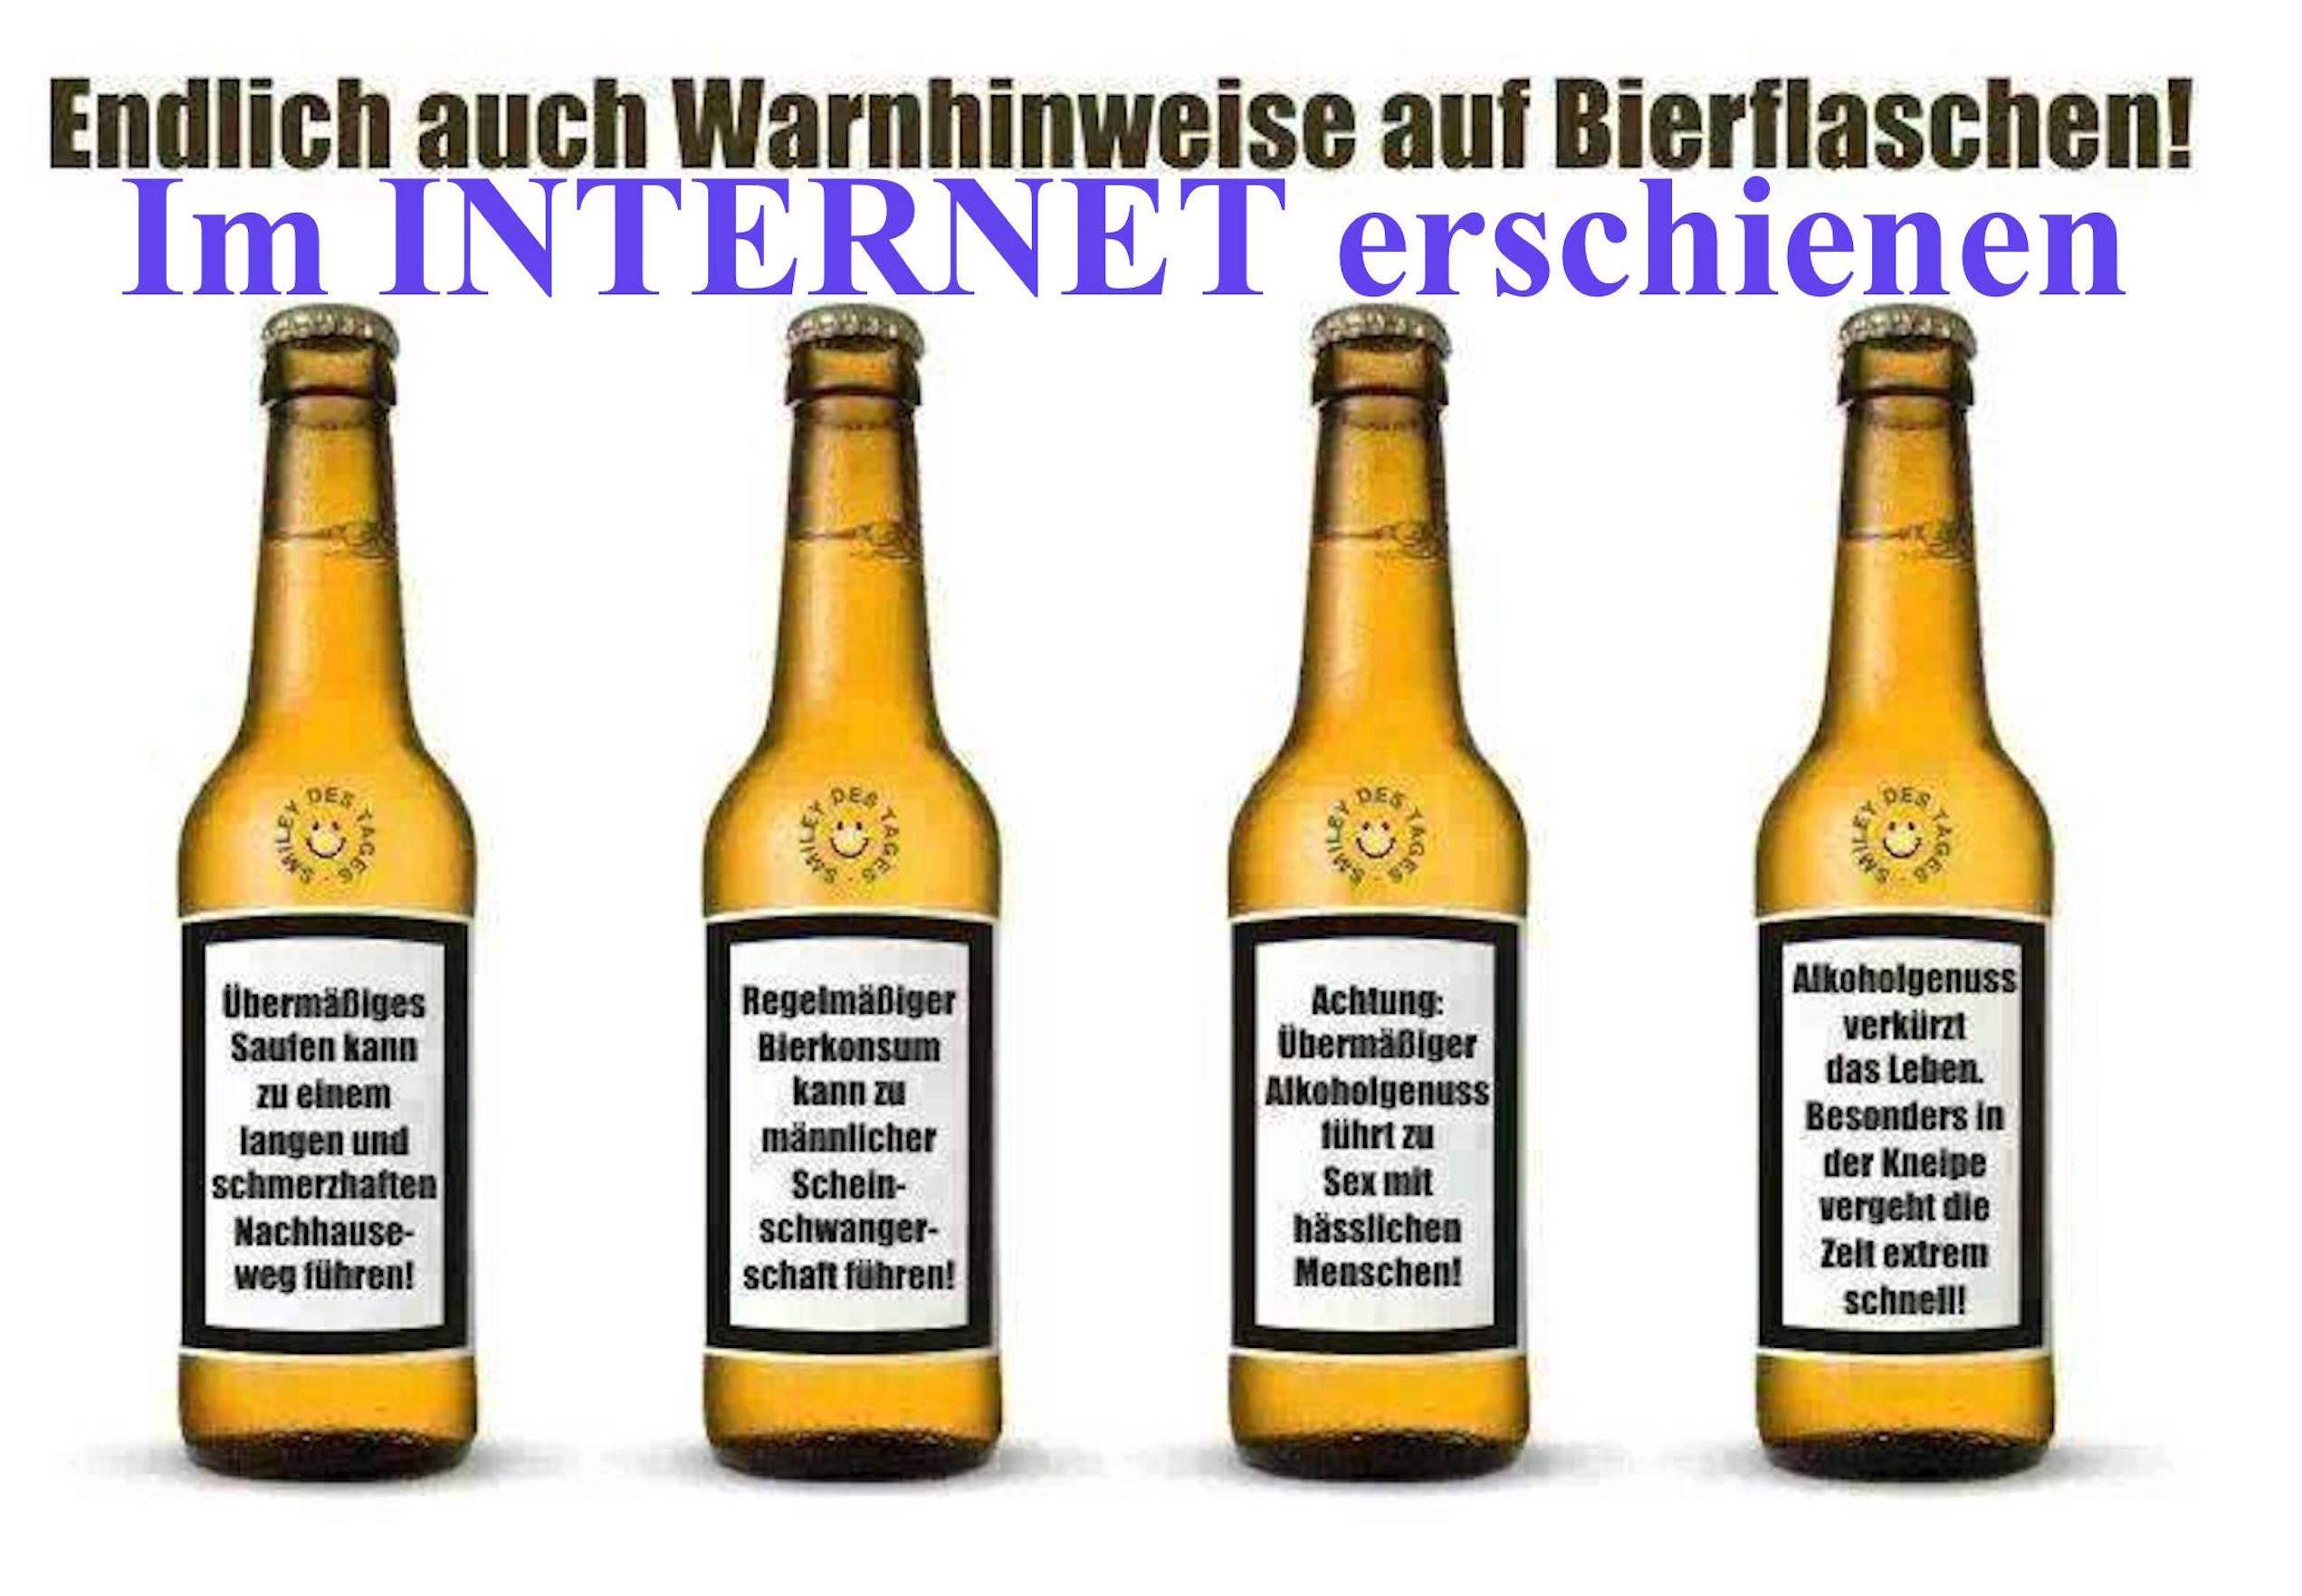 BIERGENUSS - WARNUNG.jpg